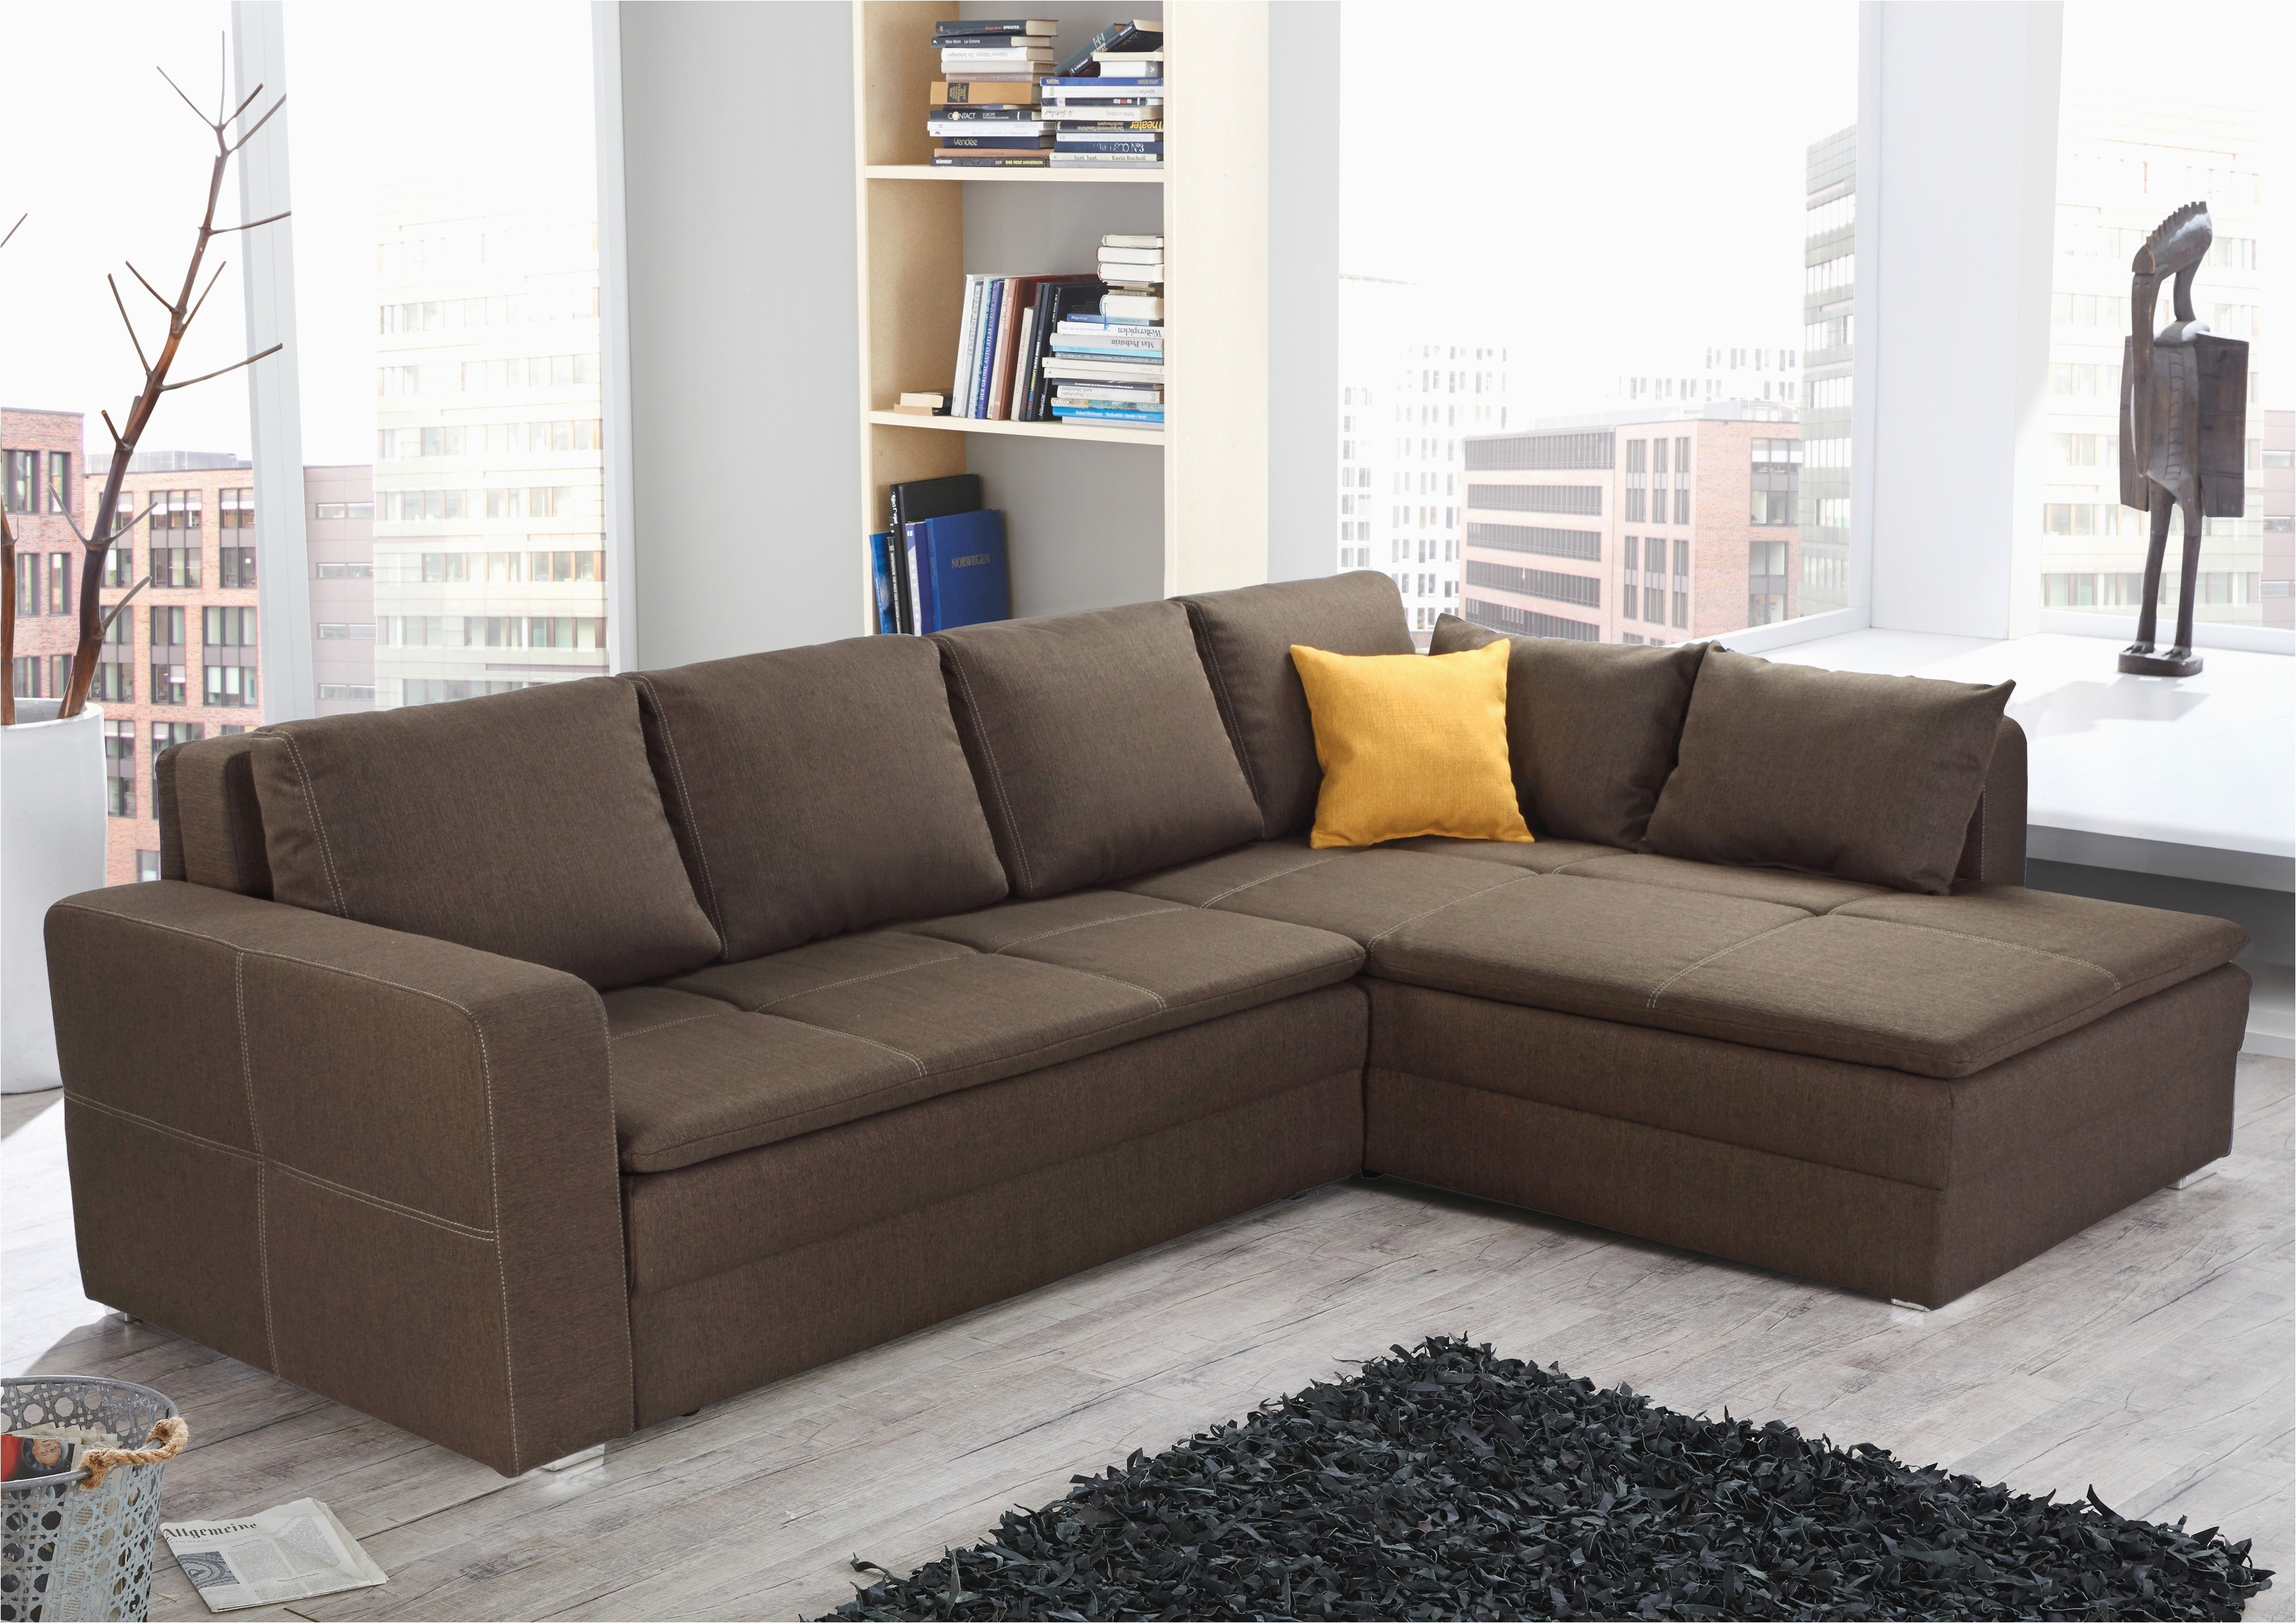 Macys fice Furniture